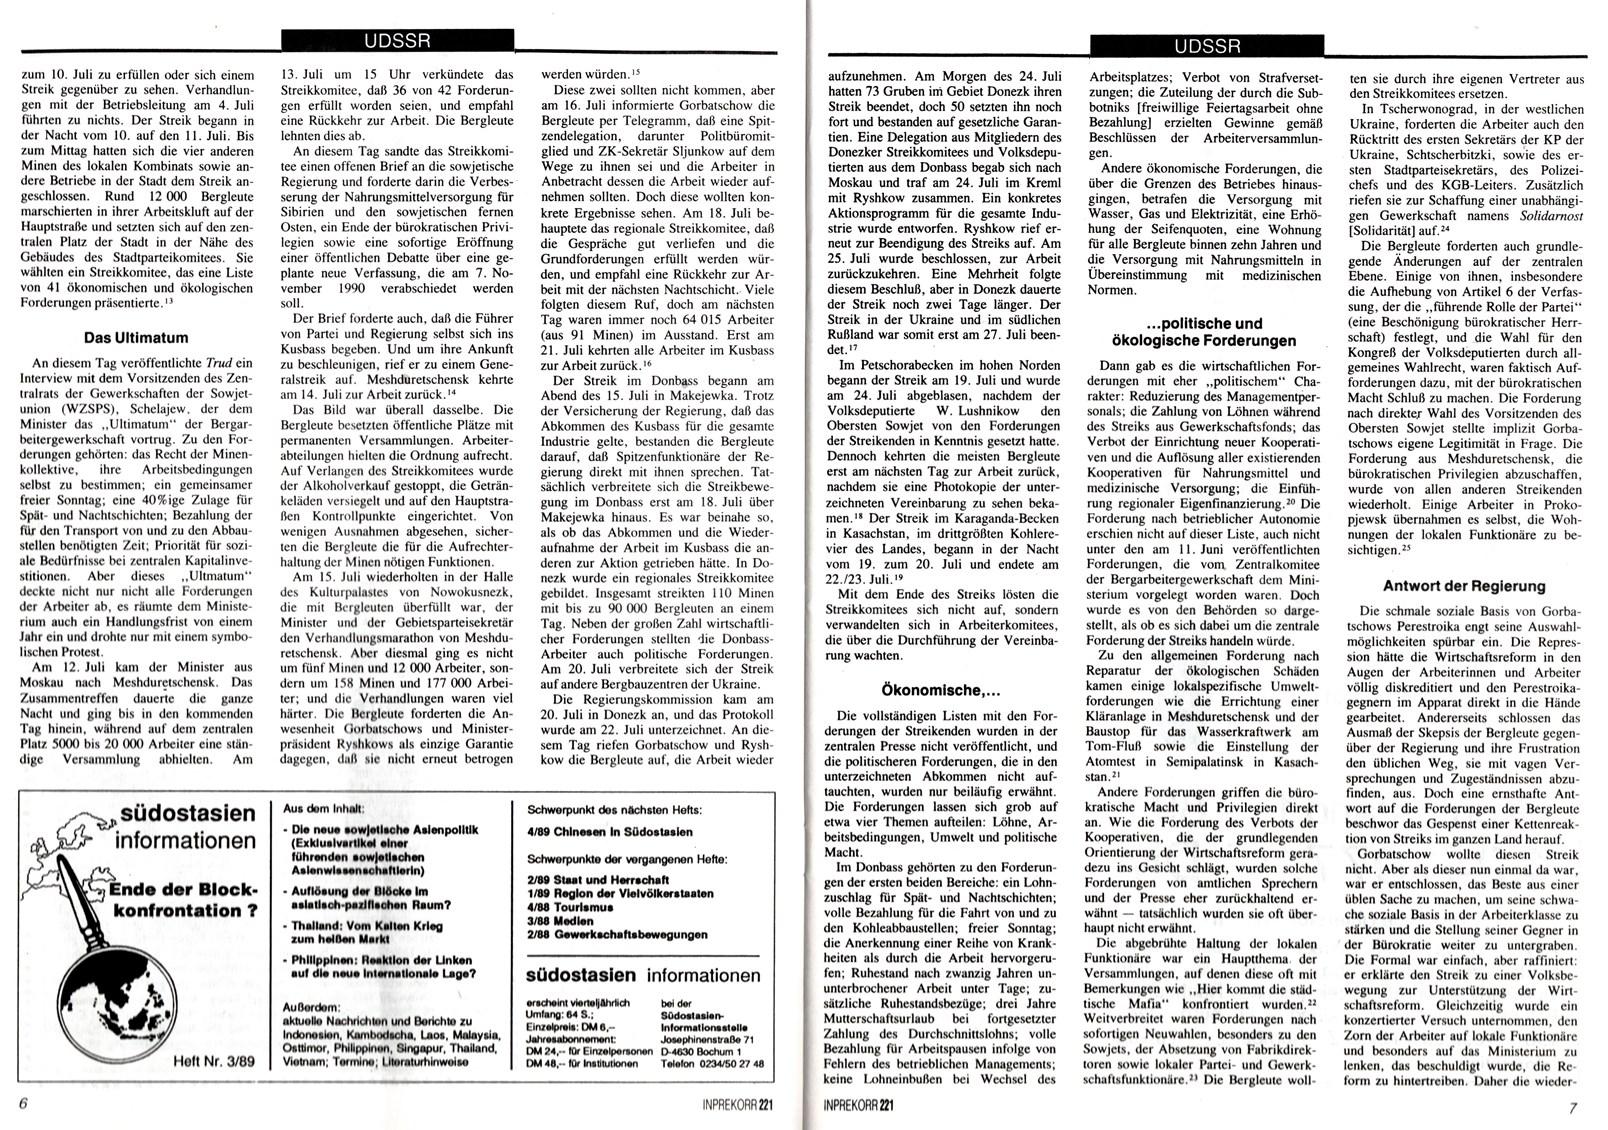 Inprekorr_19891100_221_004